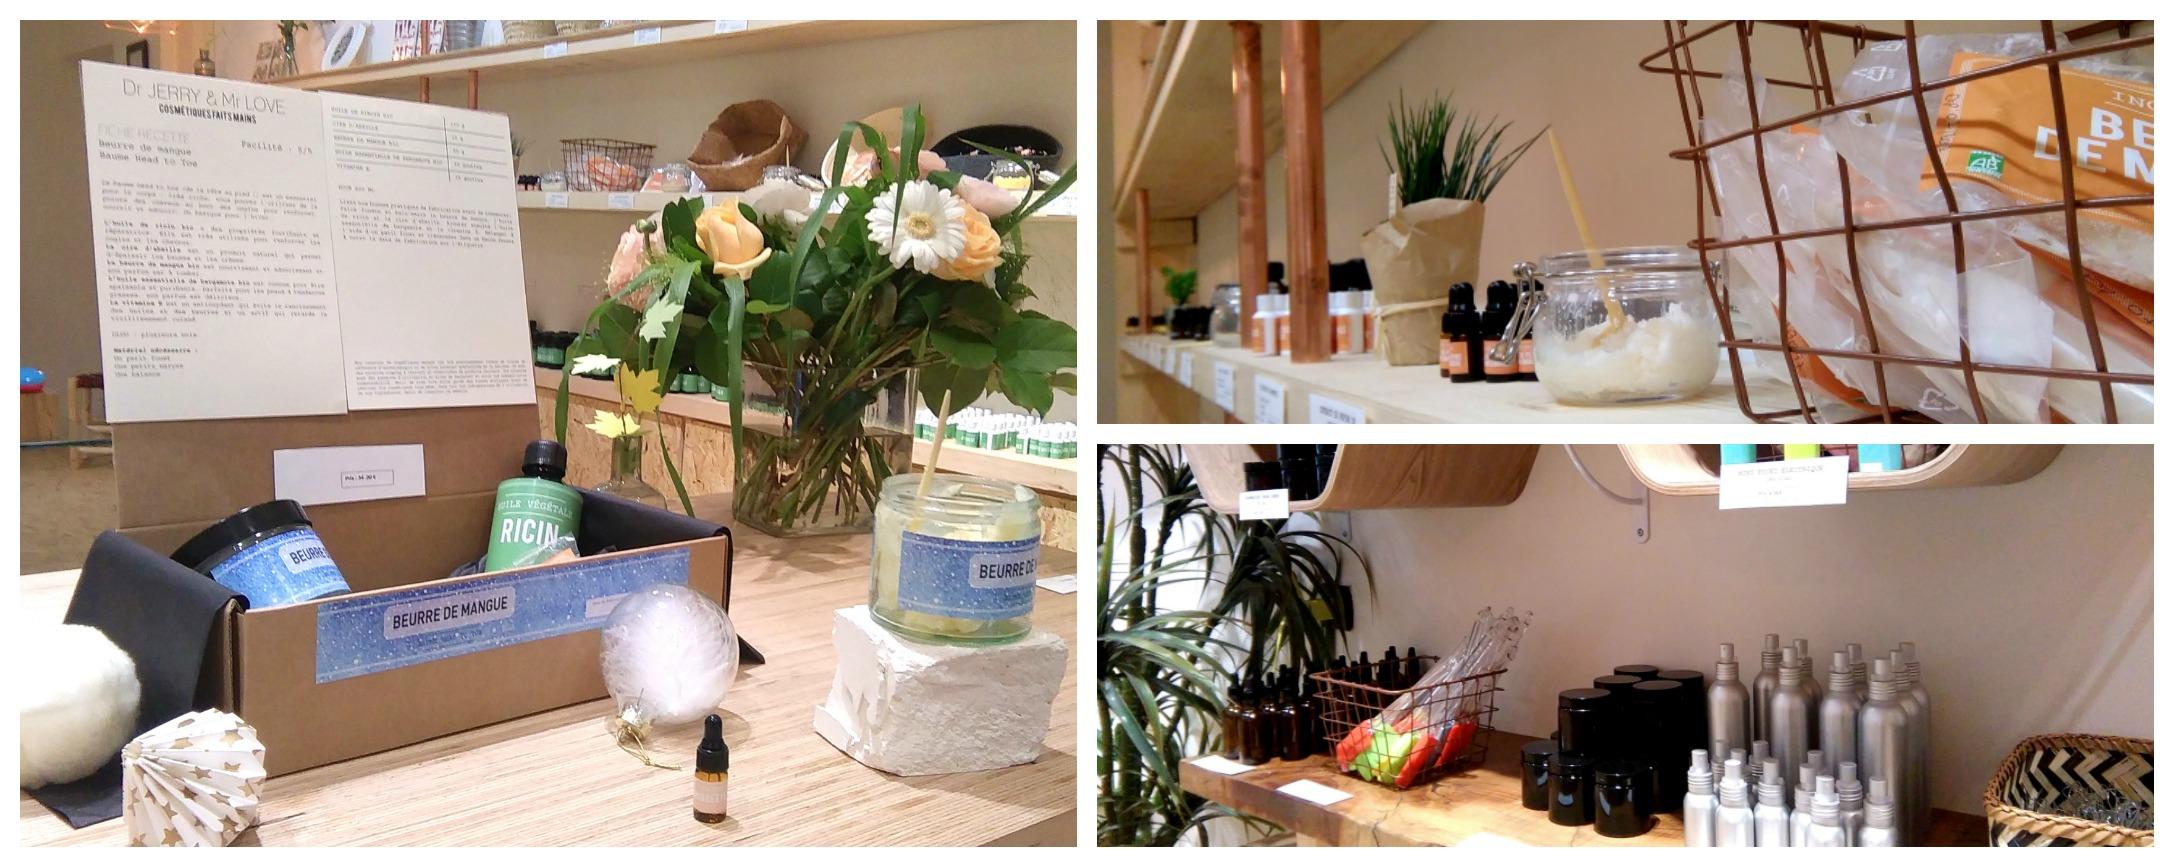 bordelaise by mimimes cosm tiques bio fait main bordeaux. Black Bedroom Furniture Sets. Home Design Ideas